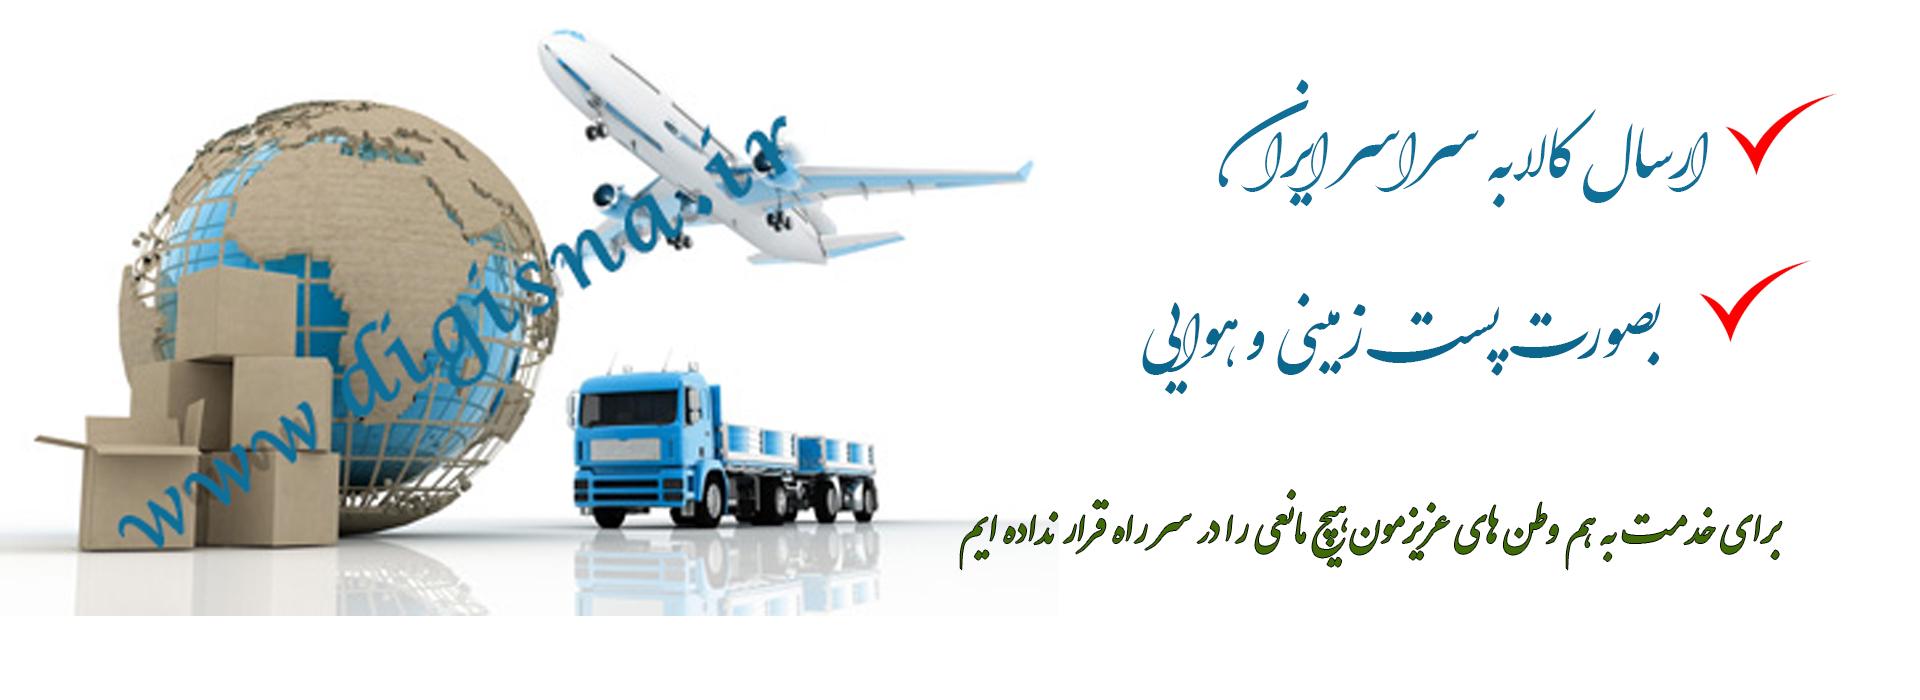 ارسال به تمام نقاط ایران